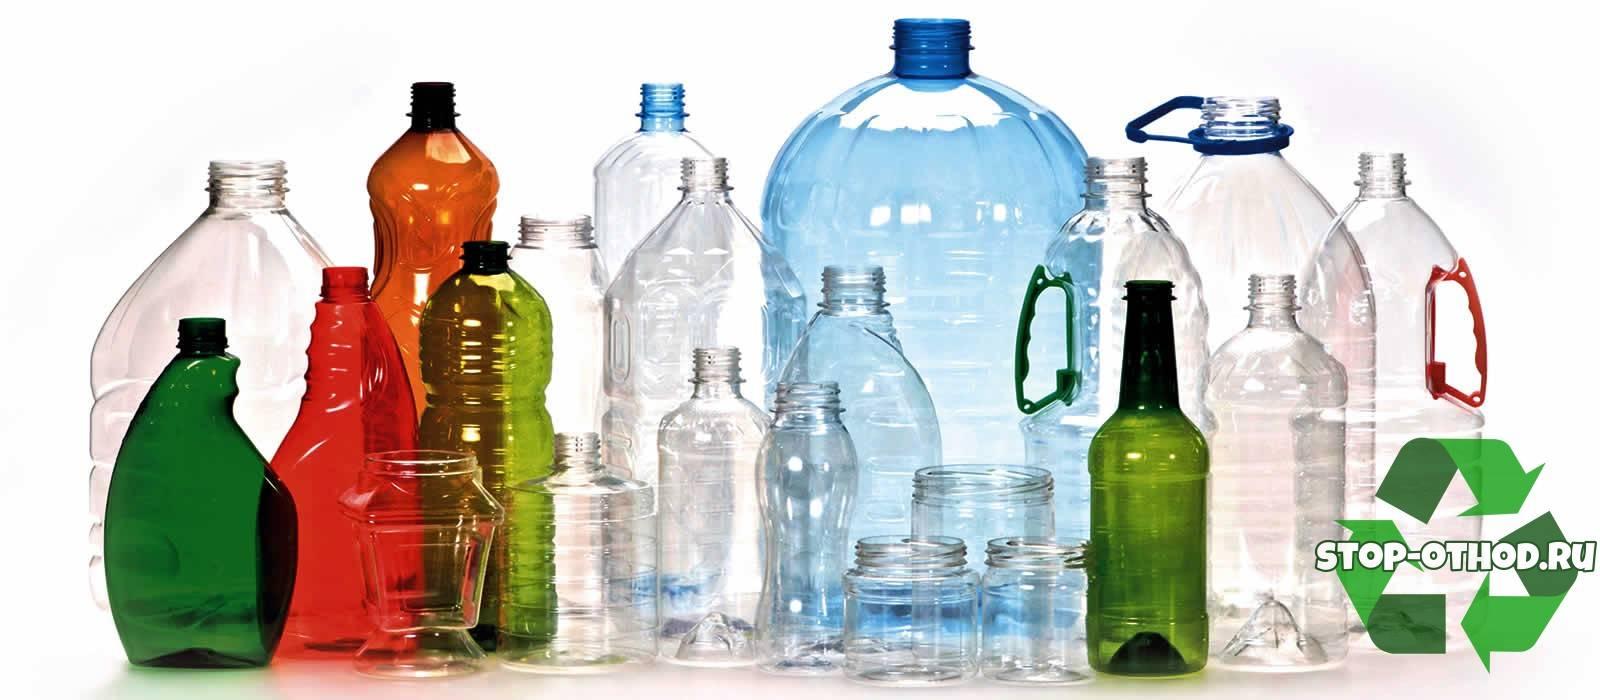 Поделки из пластиковых бутылок - 90 фото идей украшения для дома и сада